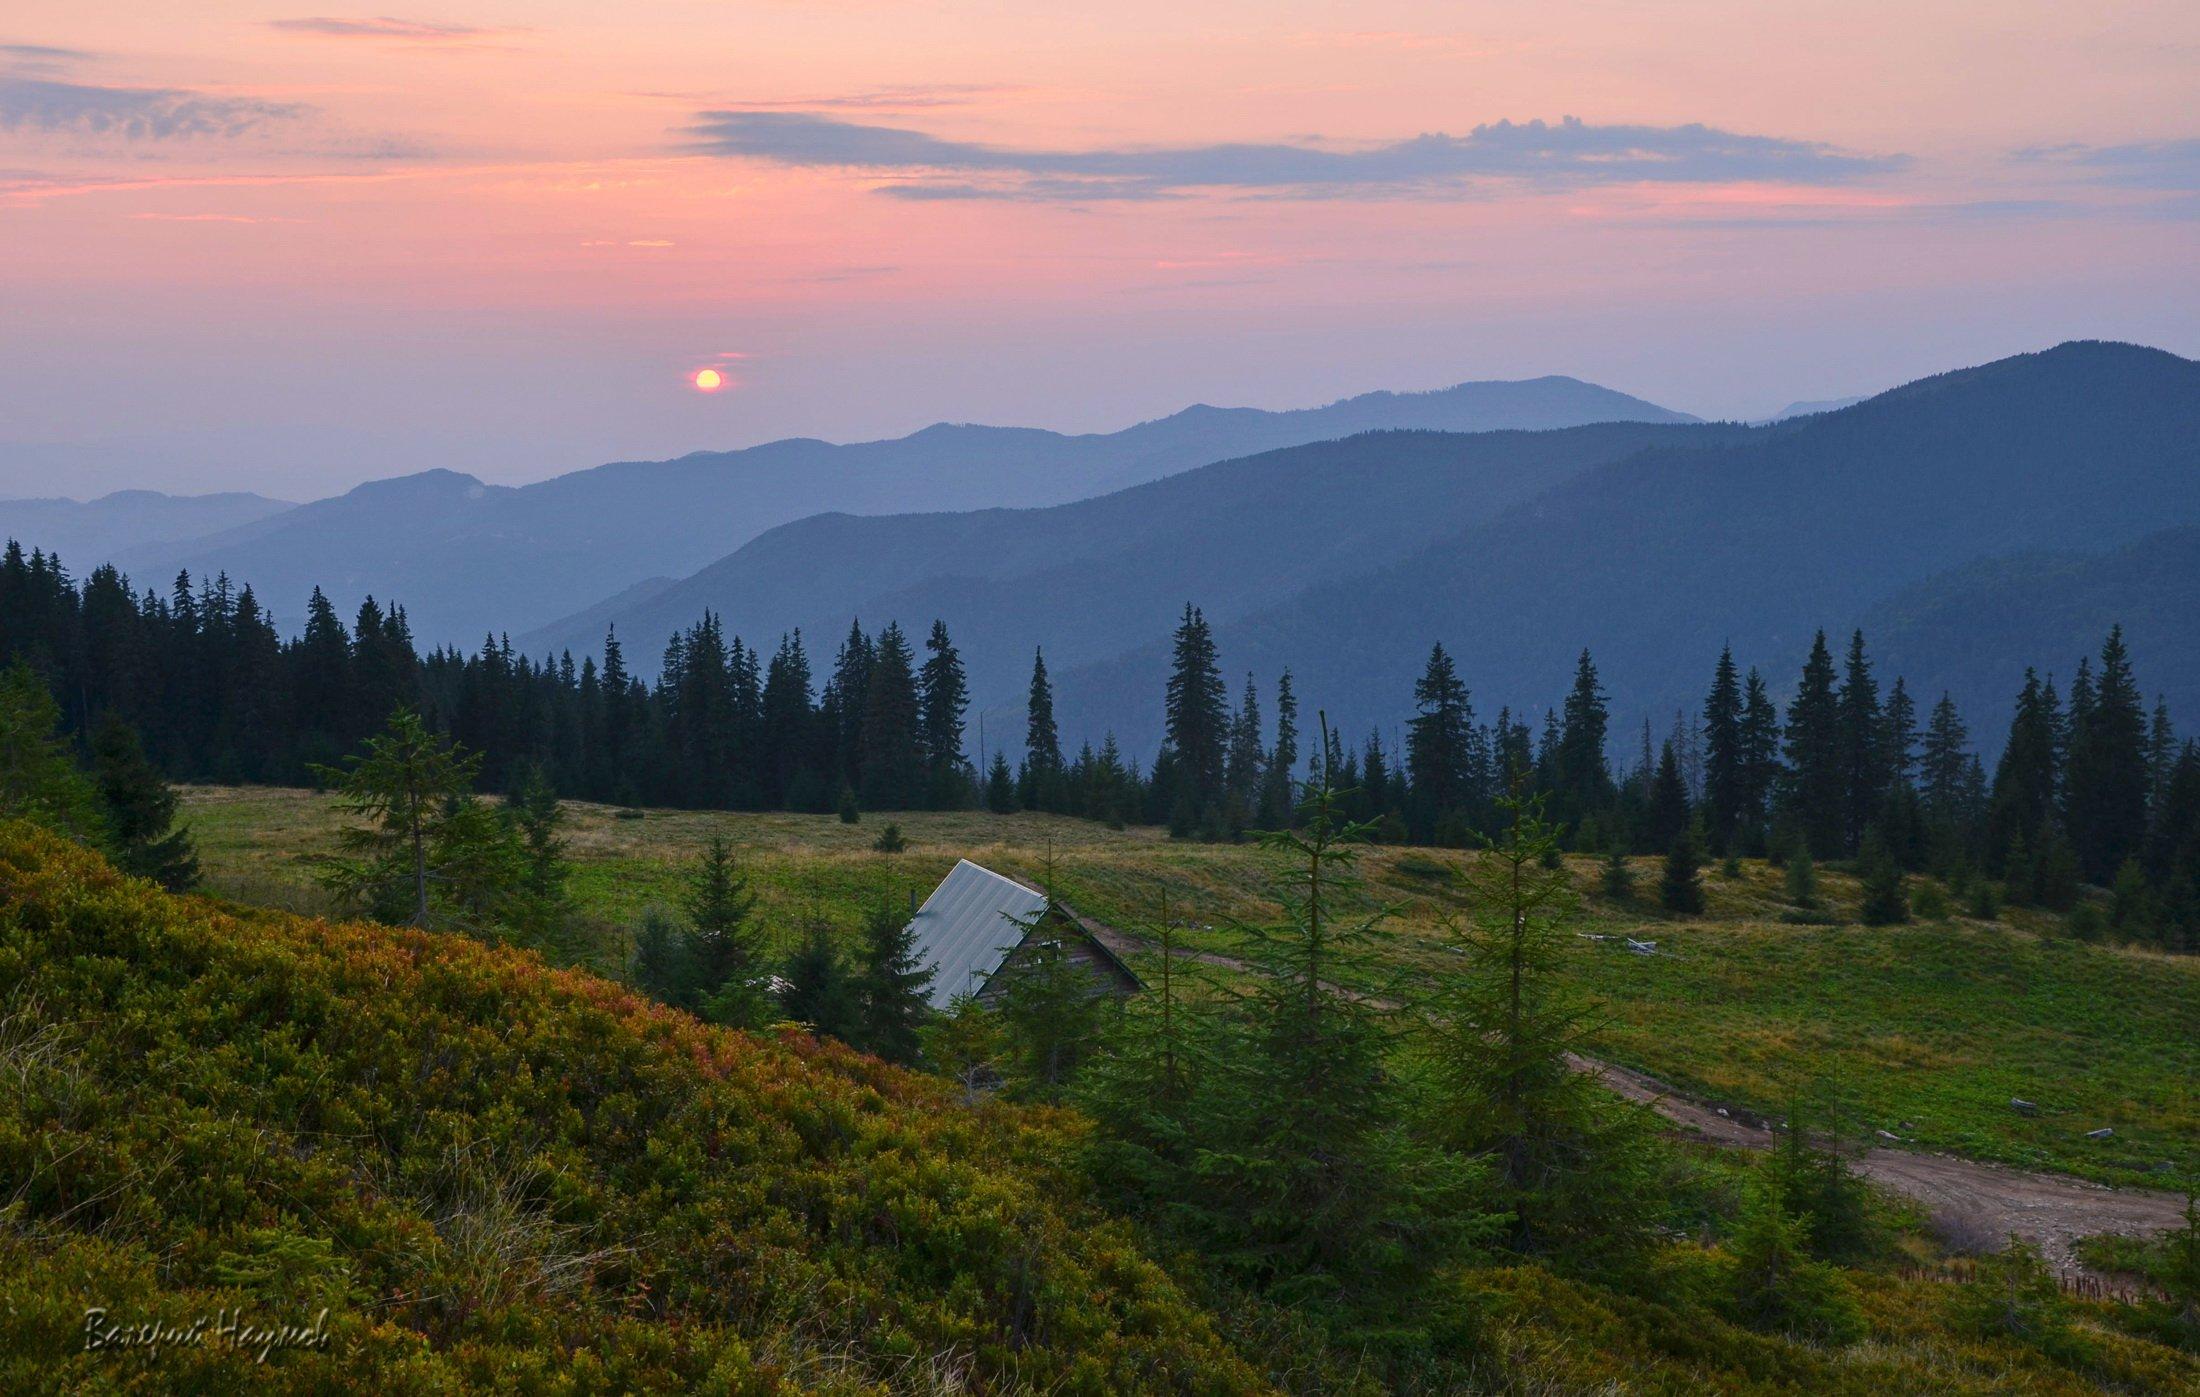 карпаты, горы, мармаросский массив, вечер, закат, Валерий Наумов